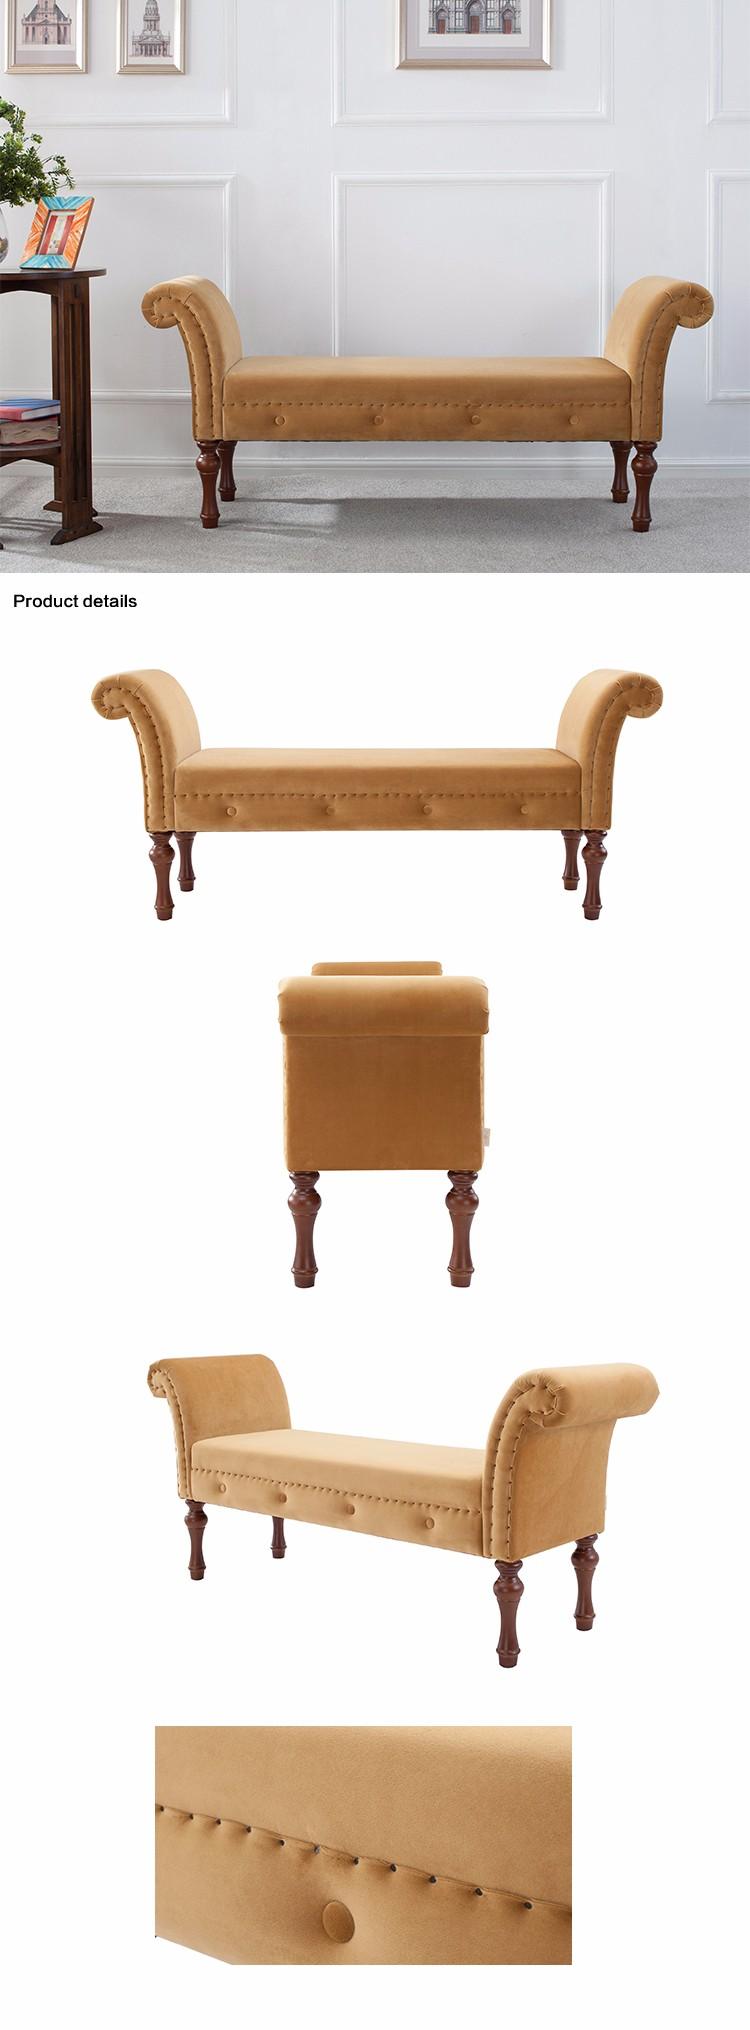 2017 Nuevo Diseño Hogar Muebles De Madera Maciza Marco Brazo Banco ...